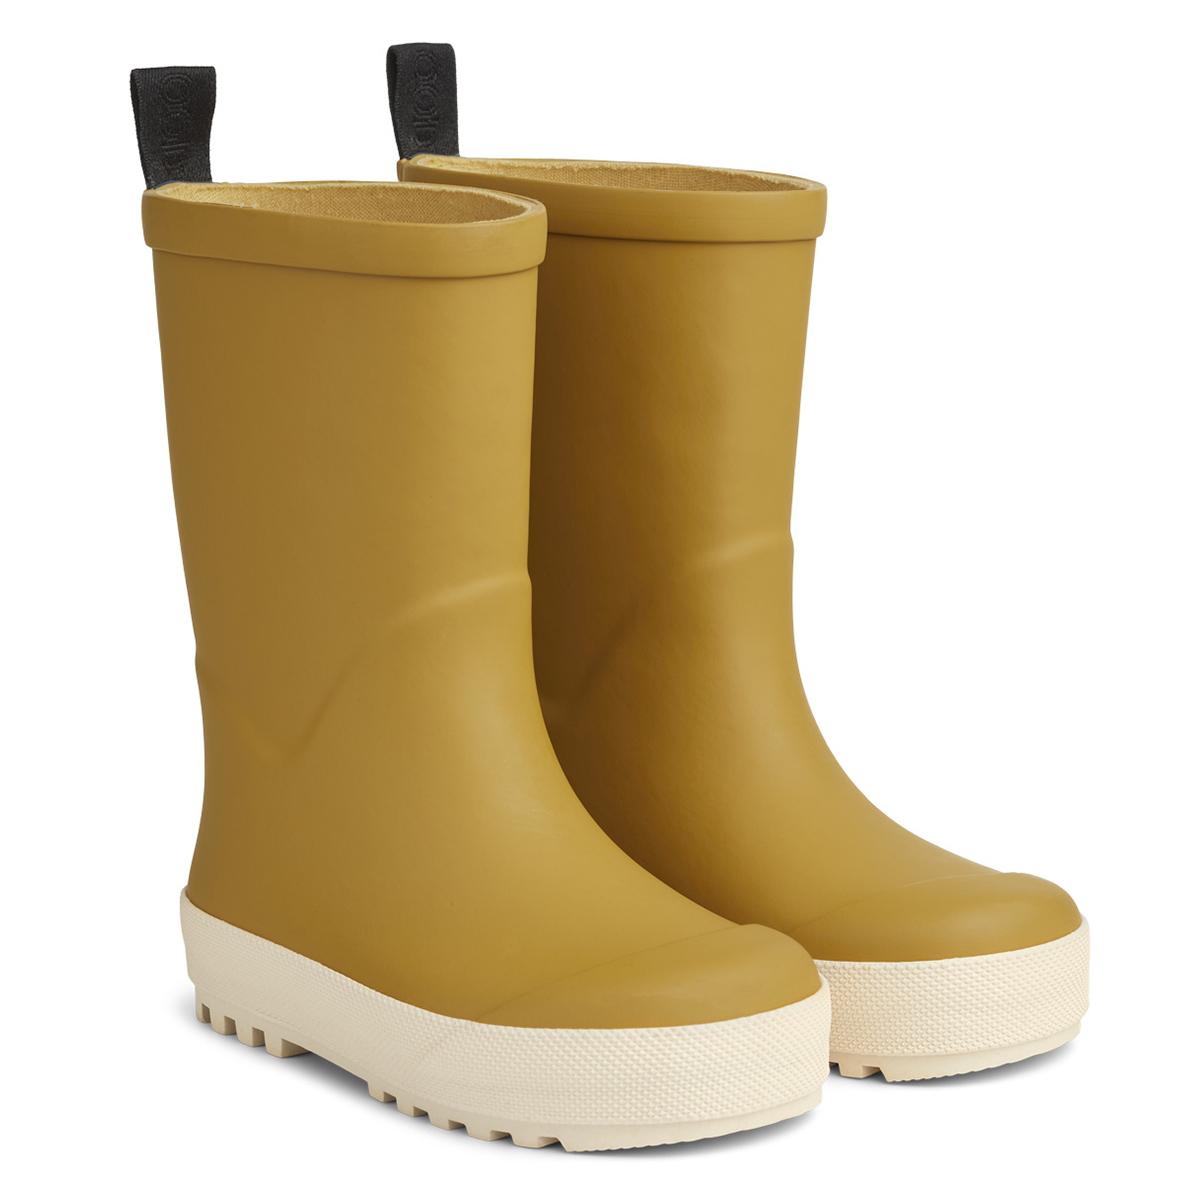 Chaussons & Chaussures Bottes de Pluie River Yellow Mellow & Crème de la Crème - 22 Bottes de Pluie River Yellow Mellow & Crème de la Crème - 22